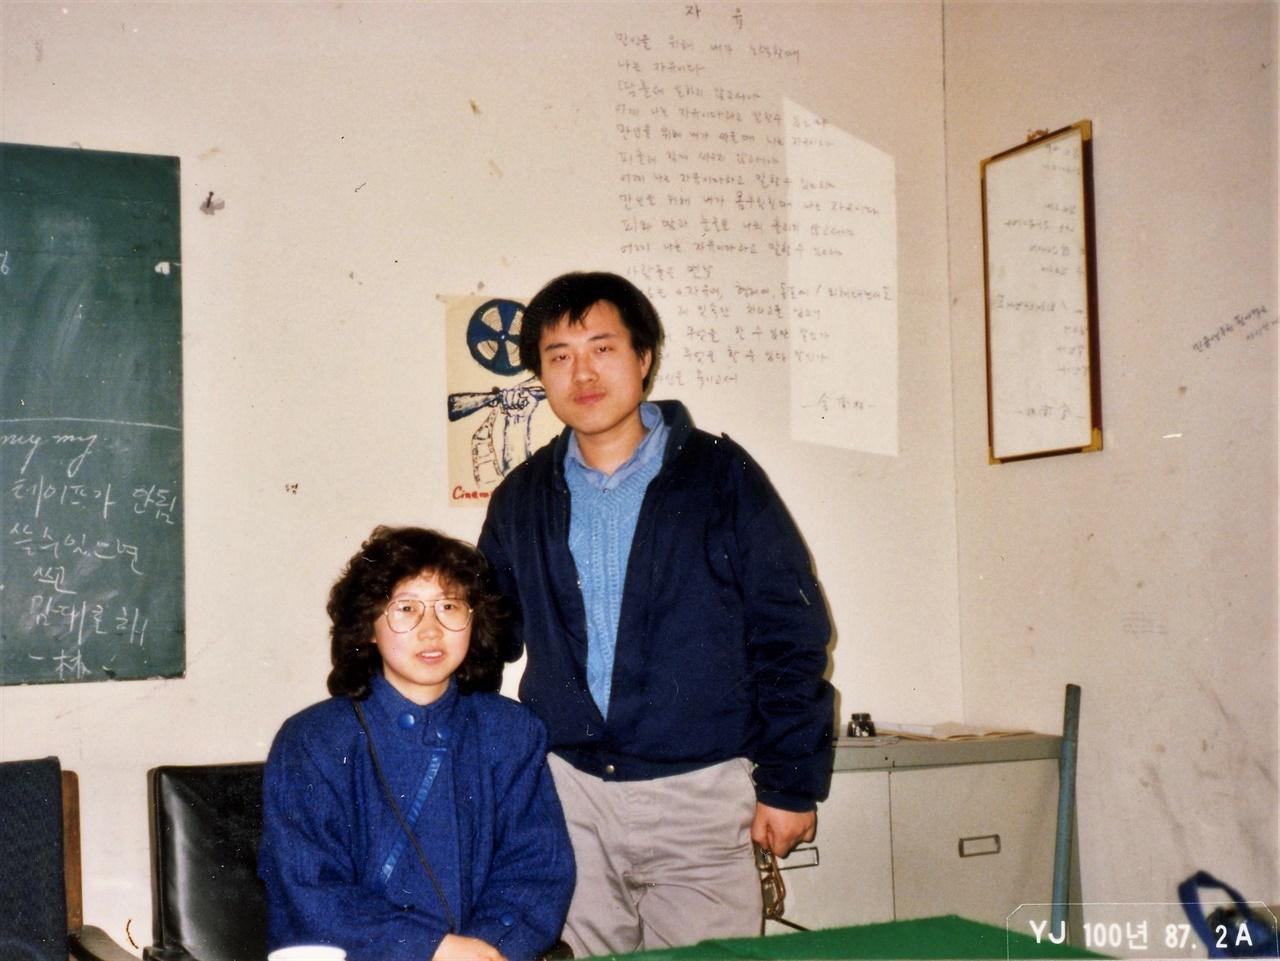 연세대 영화패 써클룸에서 창립 회원이었던 이수정(감독)과 이듬해 신입생으로 들어와 1기가 된 안훈찬(프로듀서). 뒤편 김남주 시인의 '자유'는 이정하가 써 놓은 것이다.